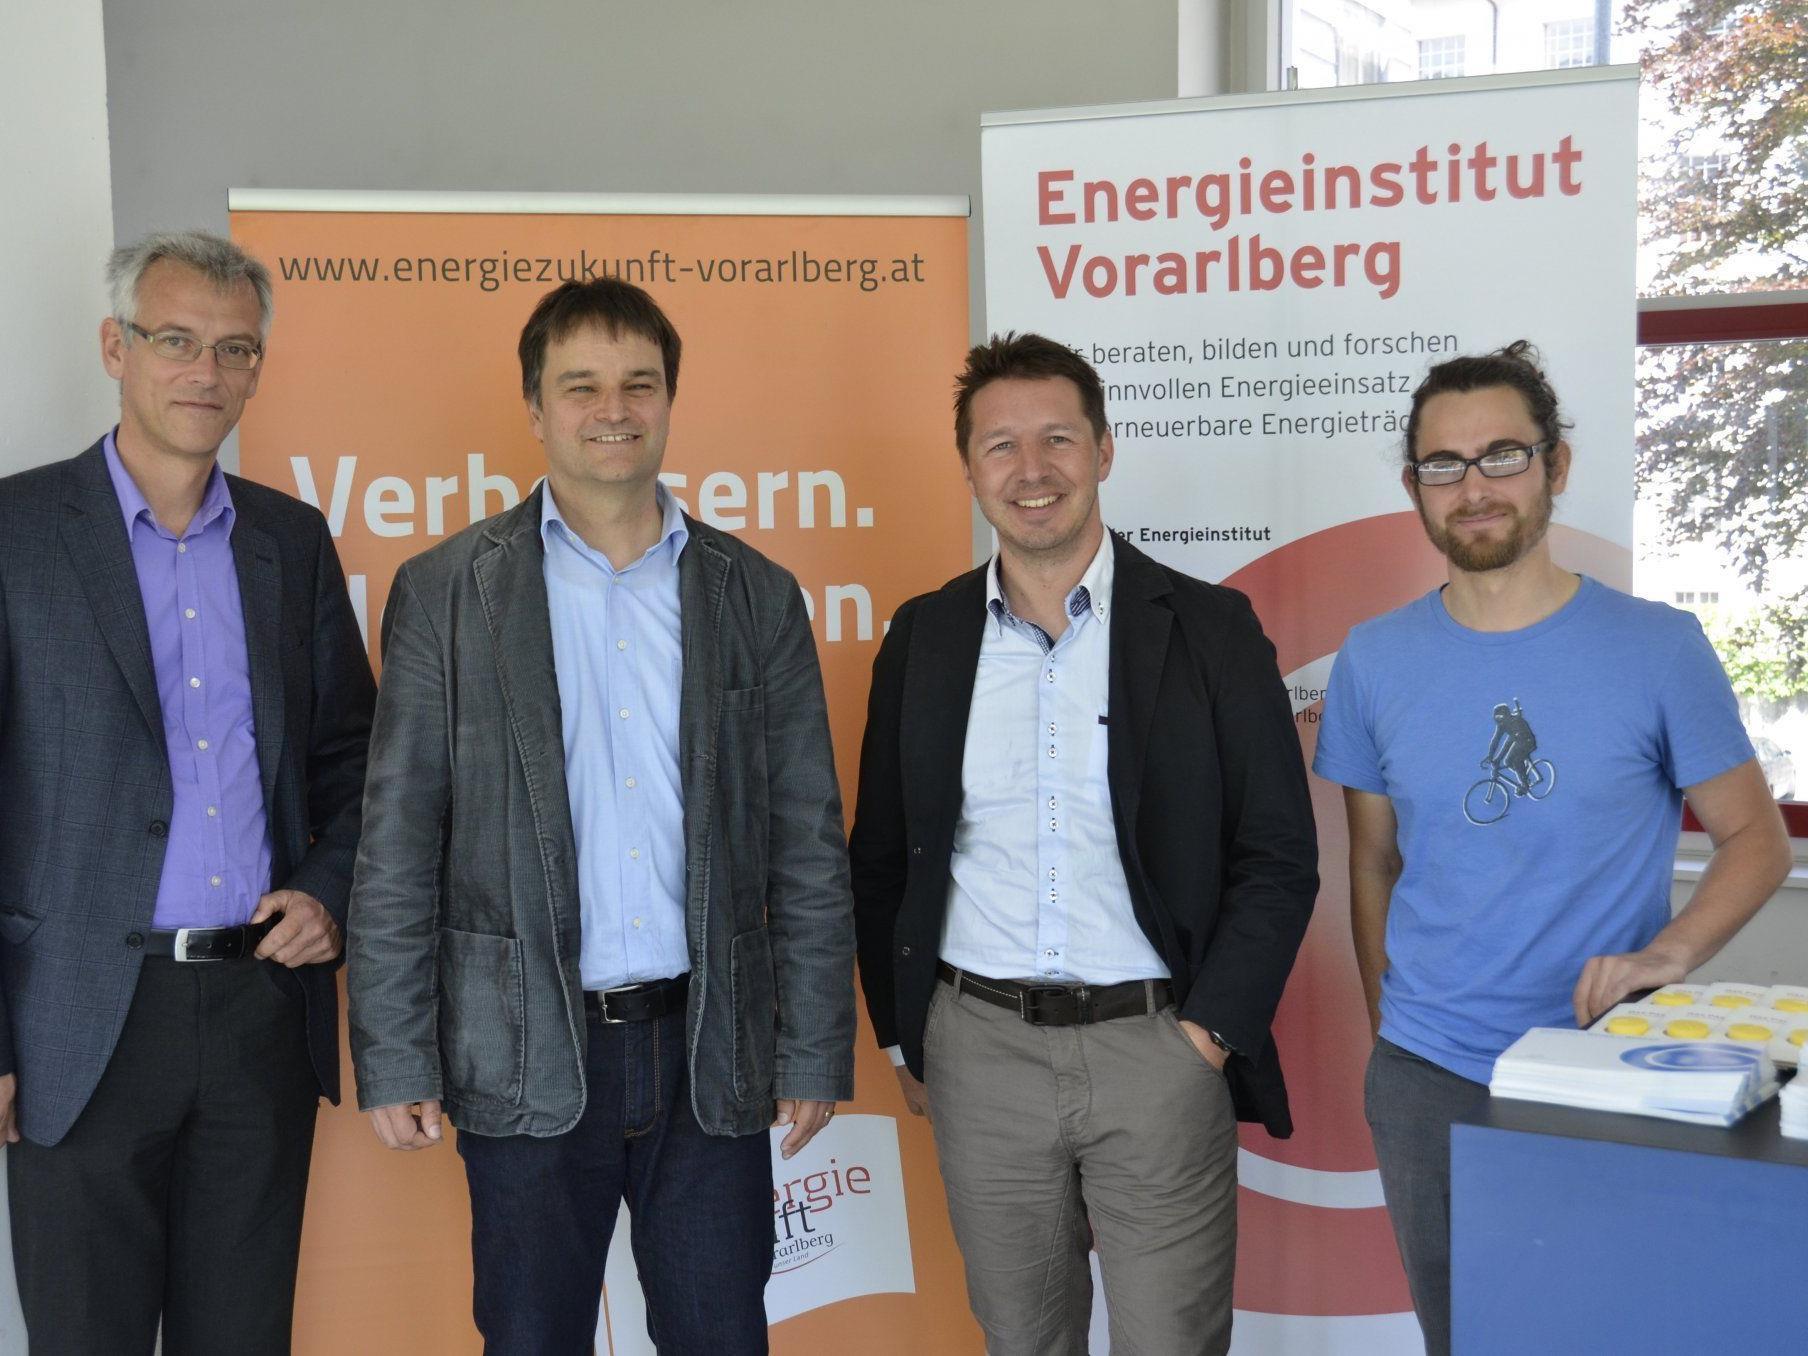 Josef Burtscher/Geschäftsführer des Energieinstitut Vorarlberg, Martin Ploss/Energieinstitut Vorarlberg, Elmar Draxl/Neue Heimat Tirol, David Frick/TU Graz (v.l.)